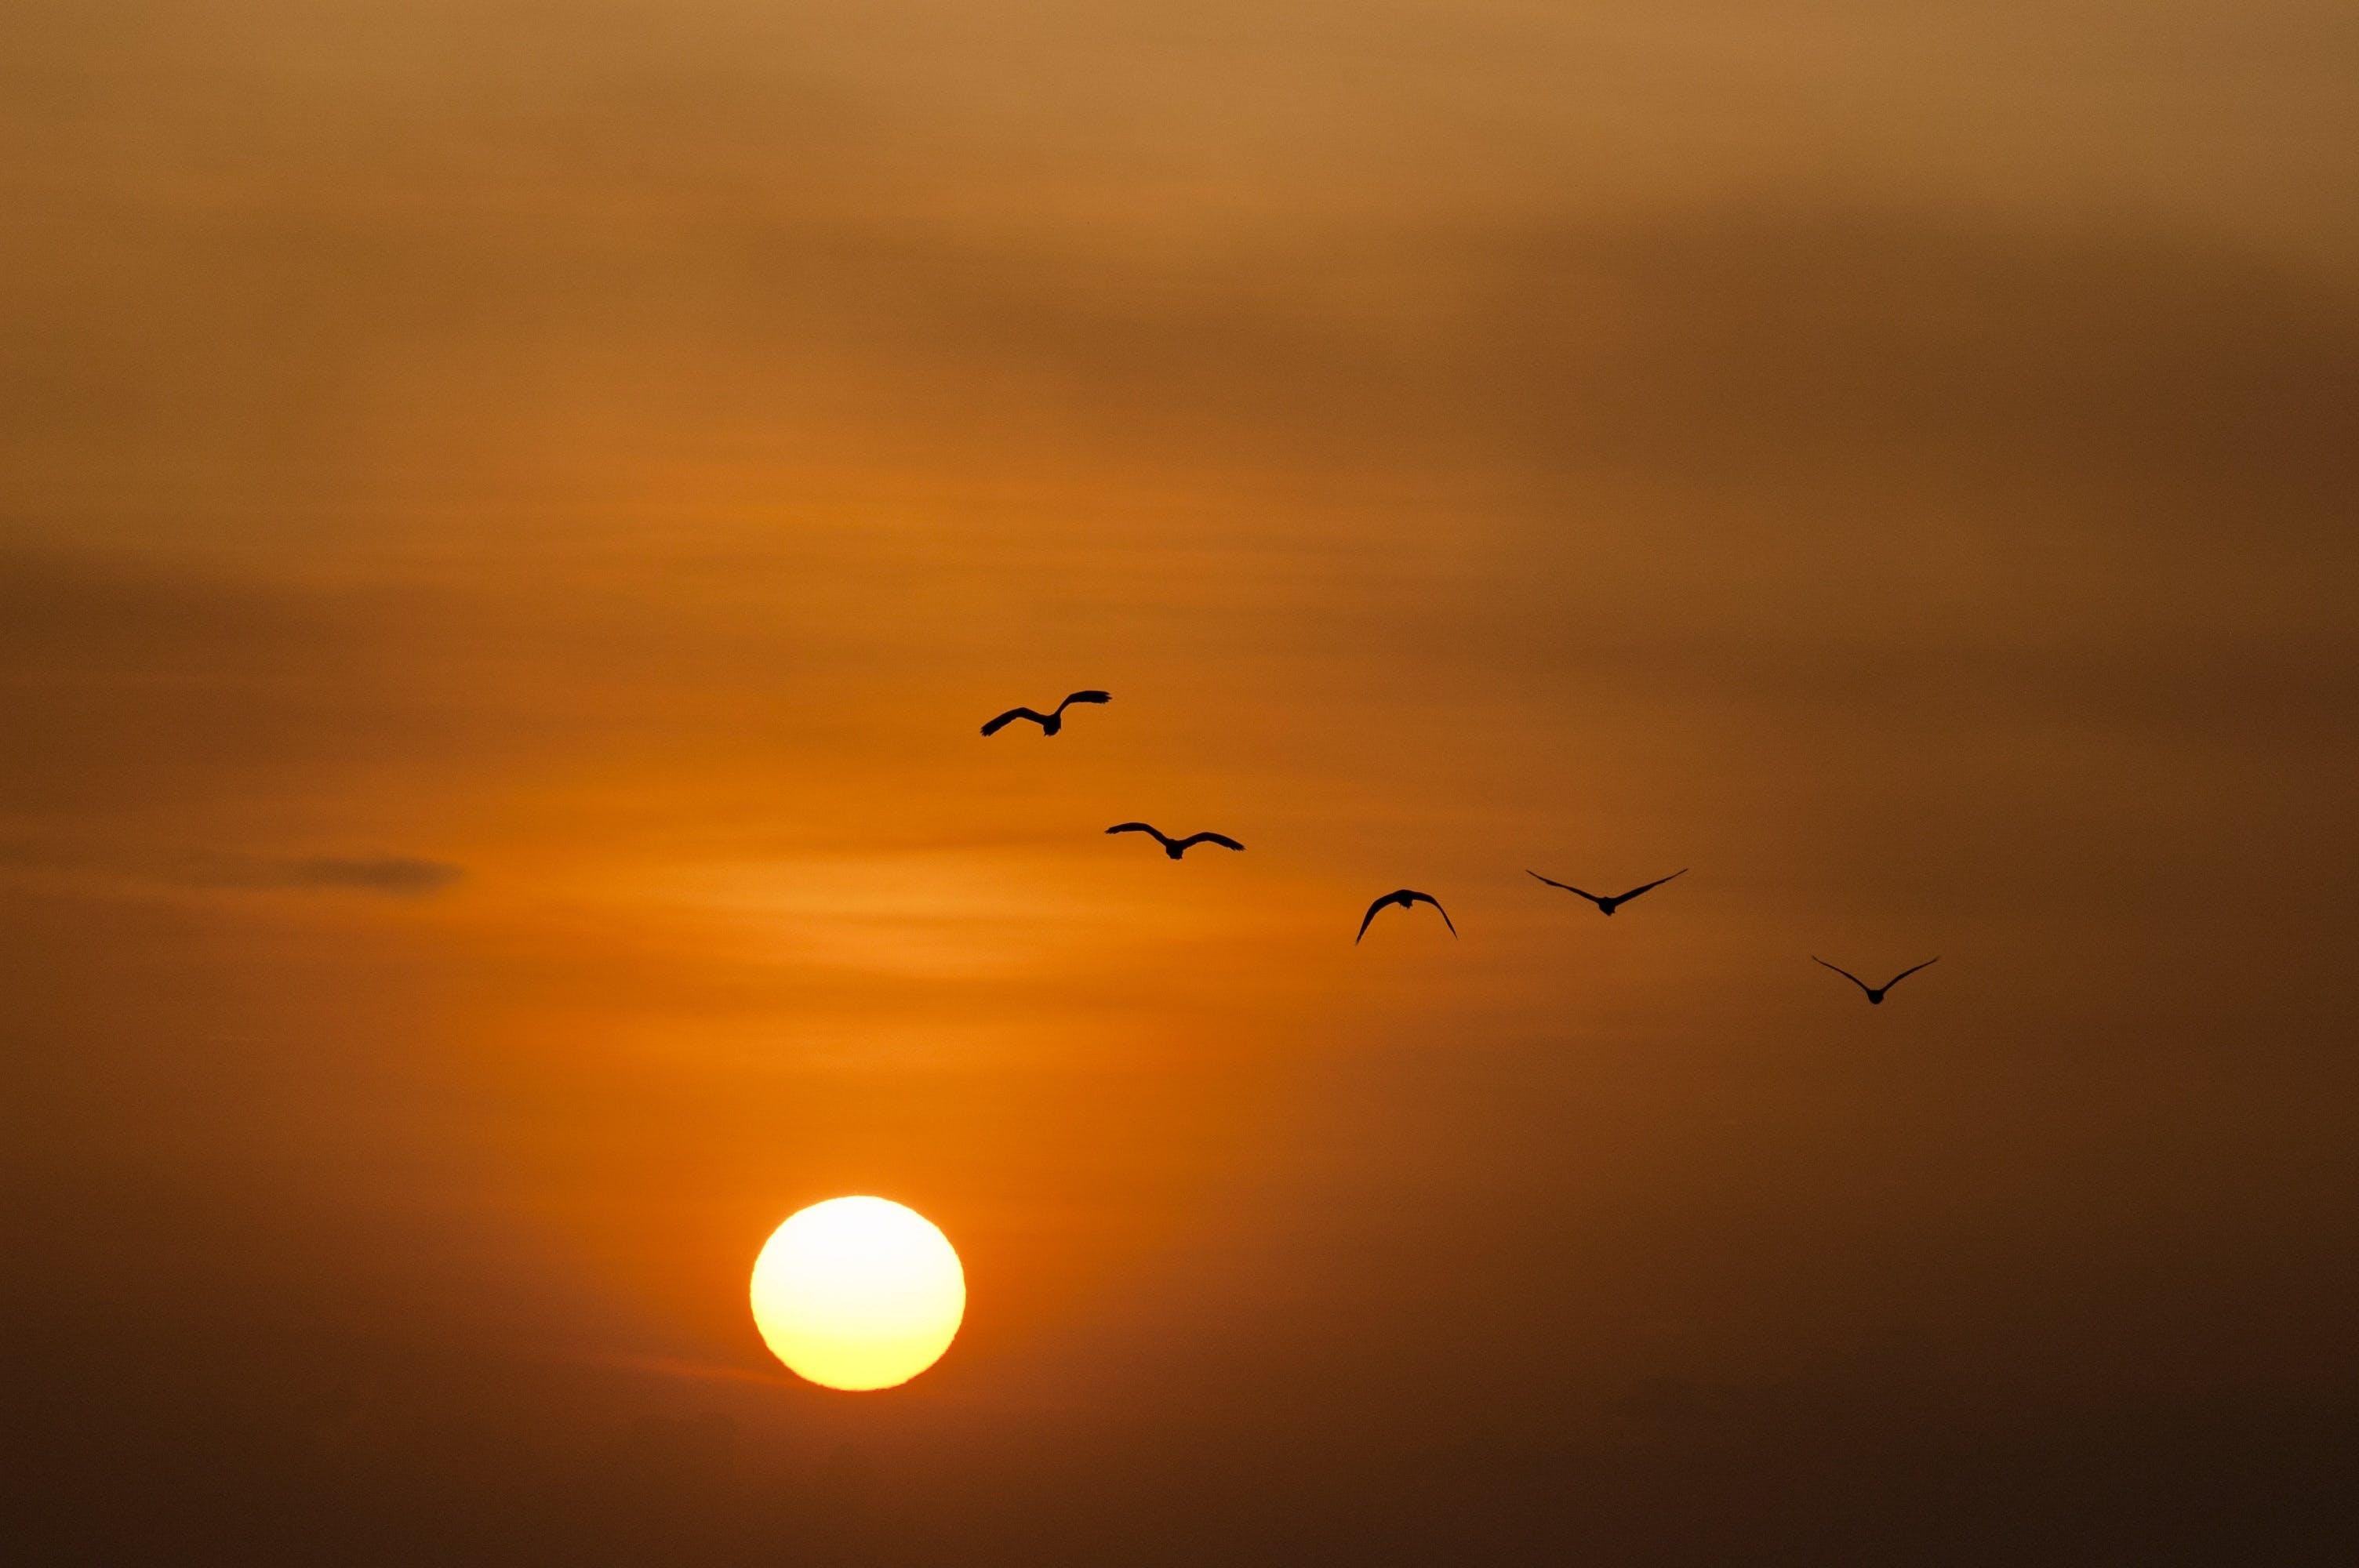 Kostenloses Stock Foto zu himmel, sonnenuntergang, sonne, sonnenaufgang